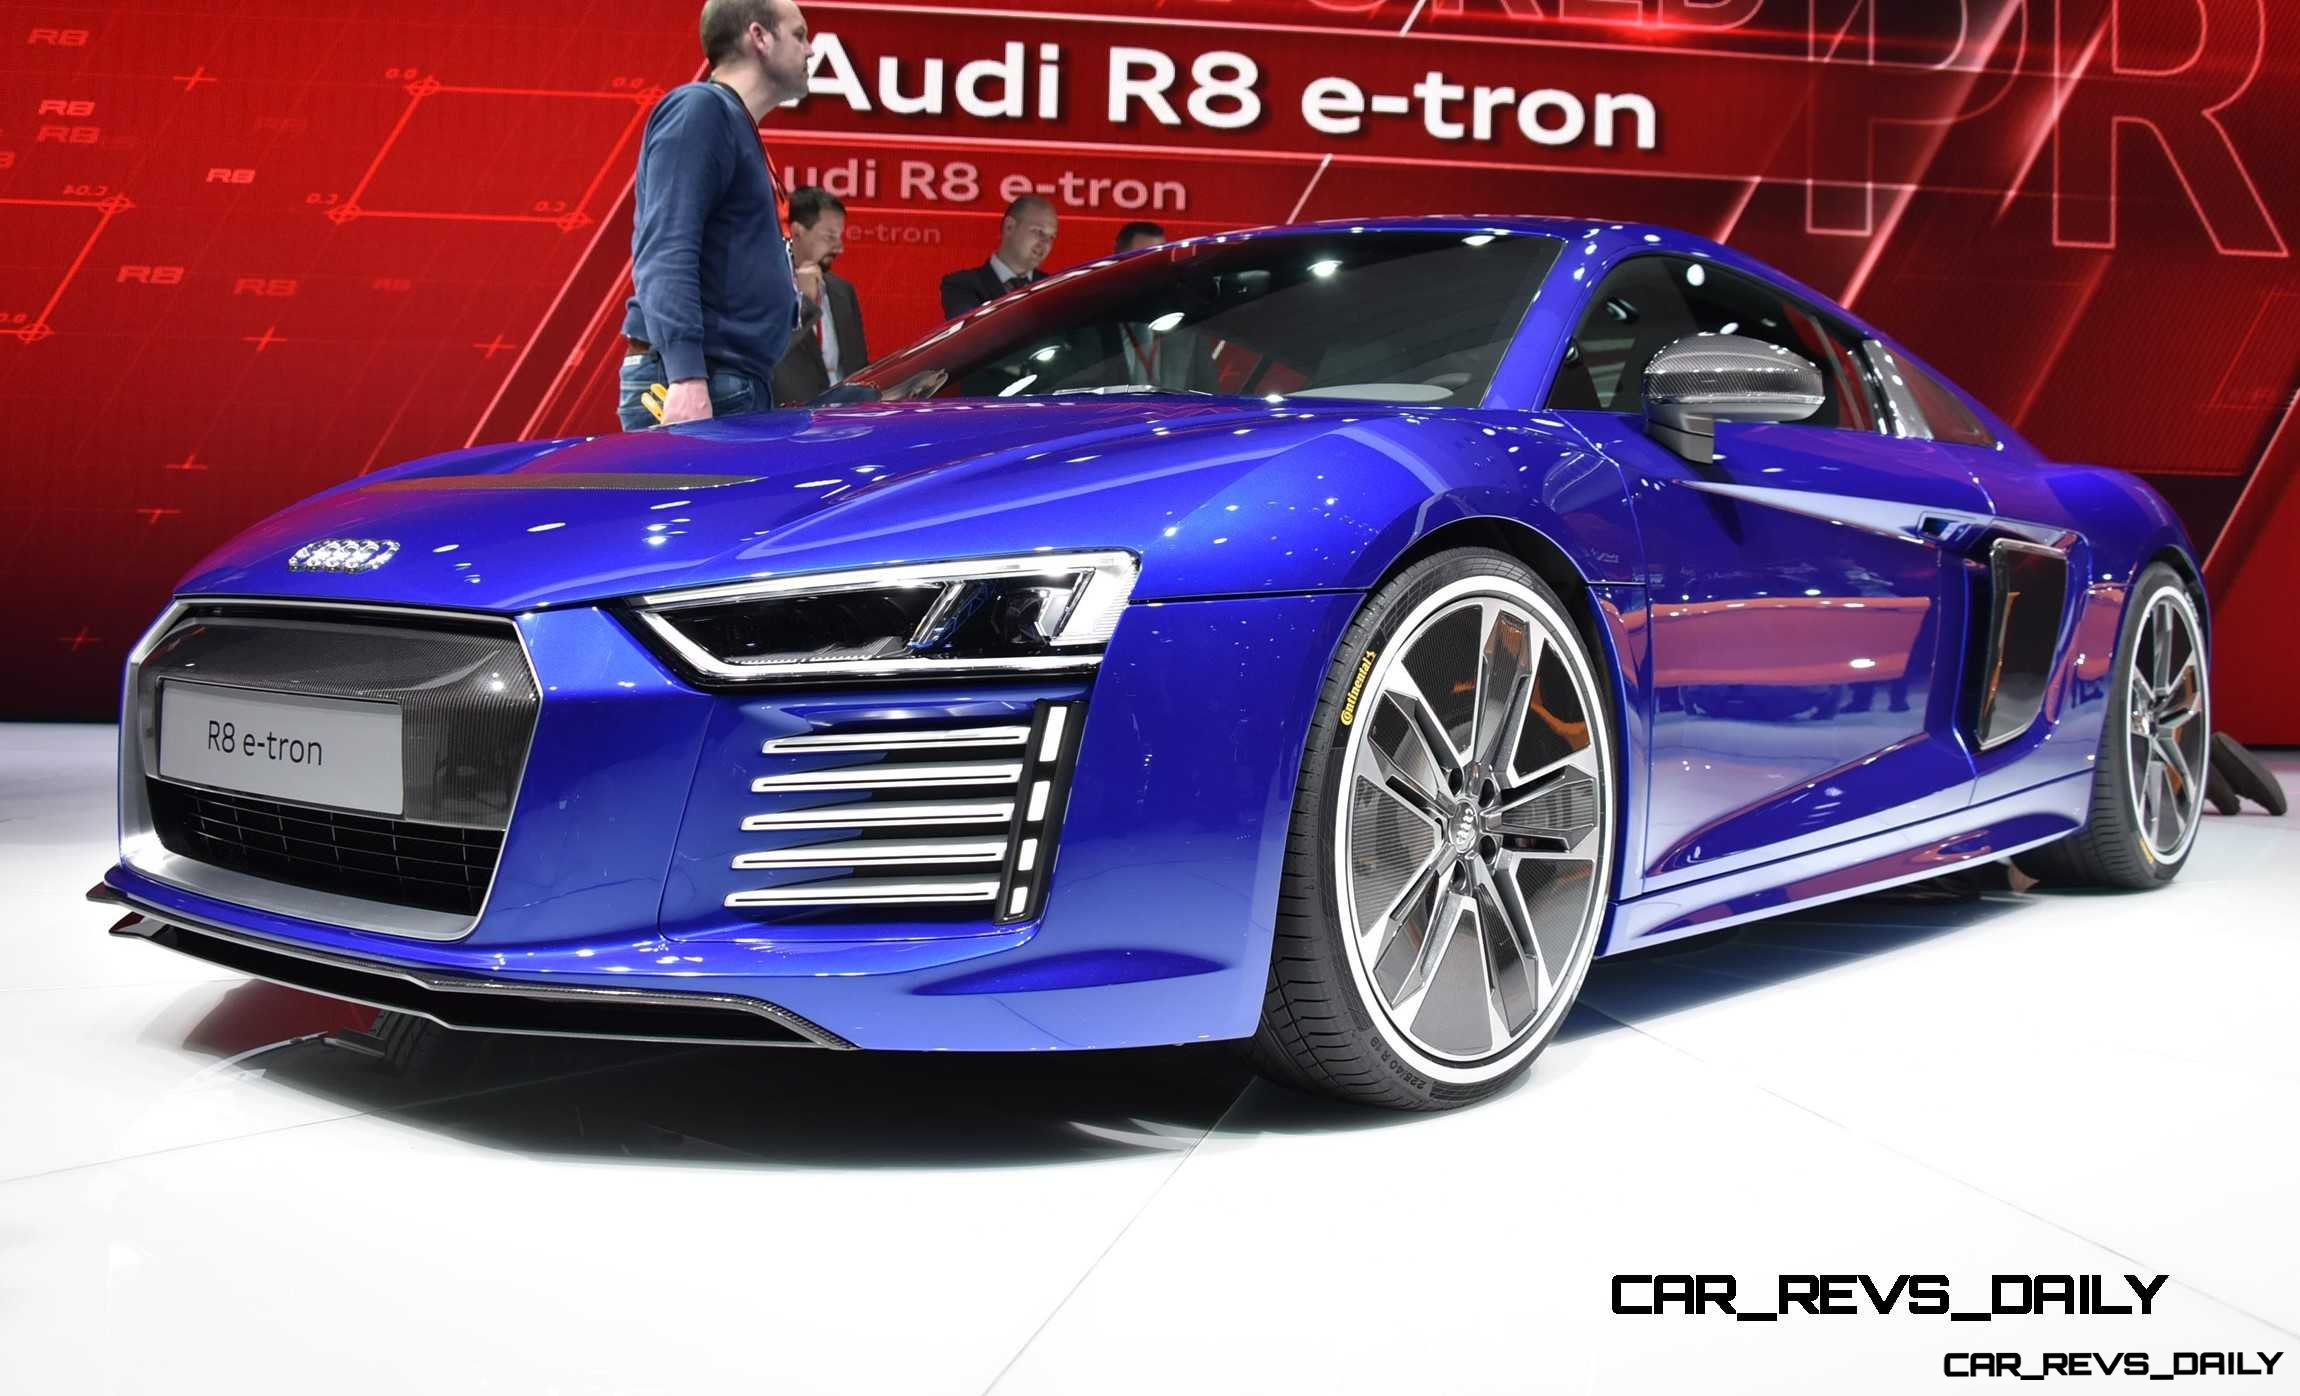 2016 Audi R8 e-tron 2